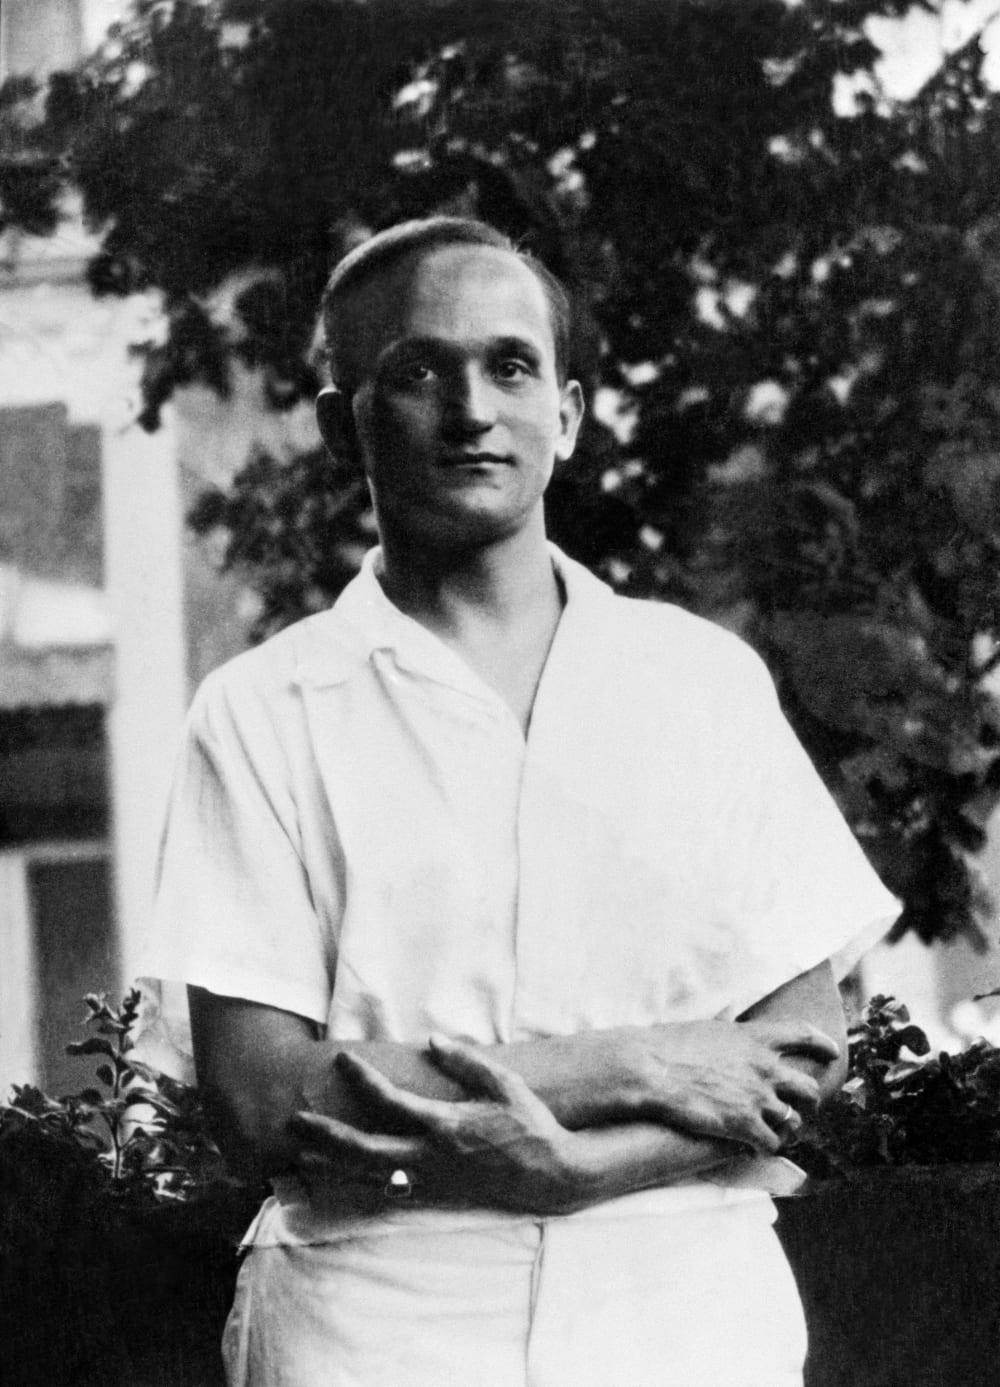 Portrait Jochen Klepper